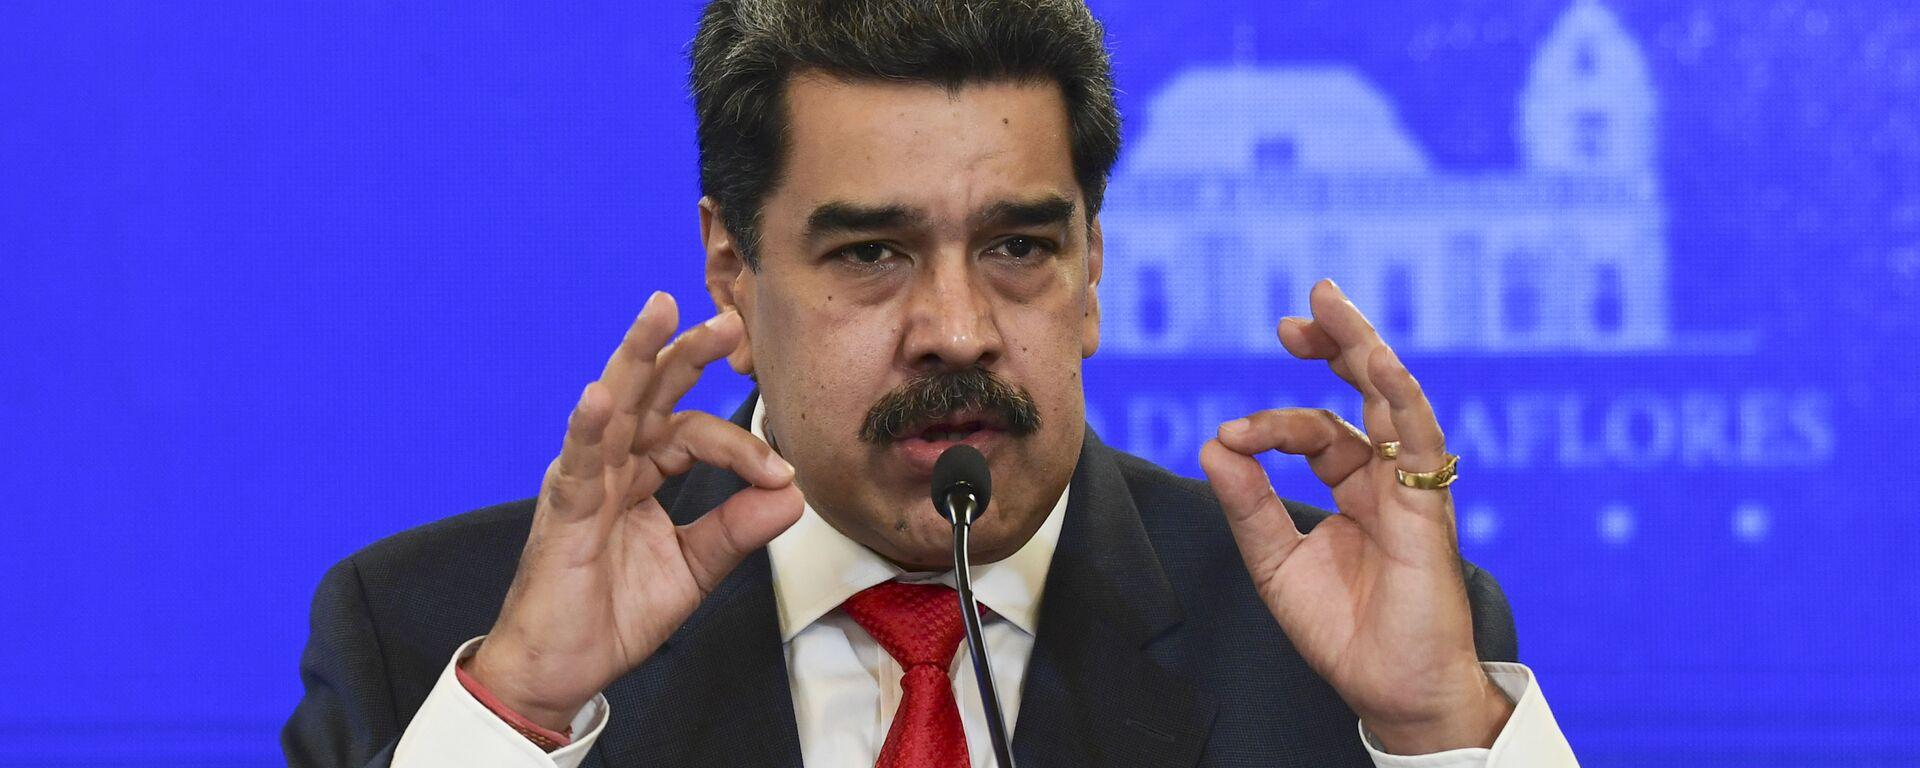 Nicolás Maduro, presidente de Venezuela - Sputnik Mundo, 1920, 04.06.2021